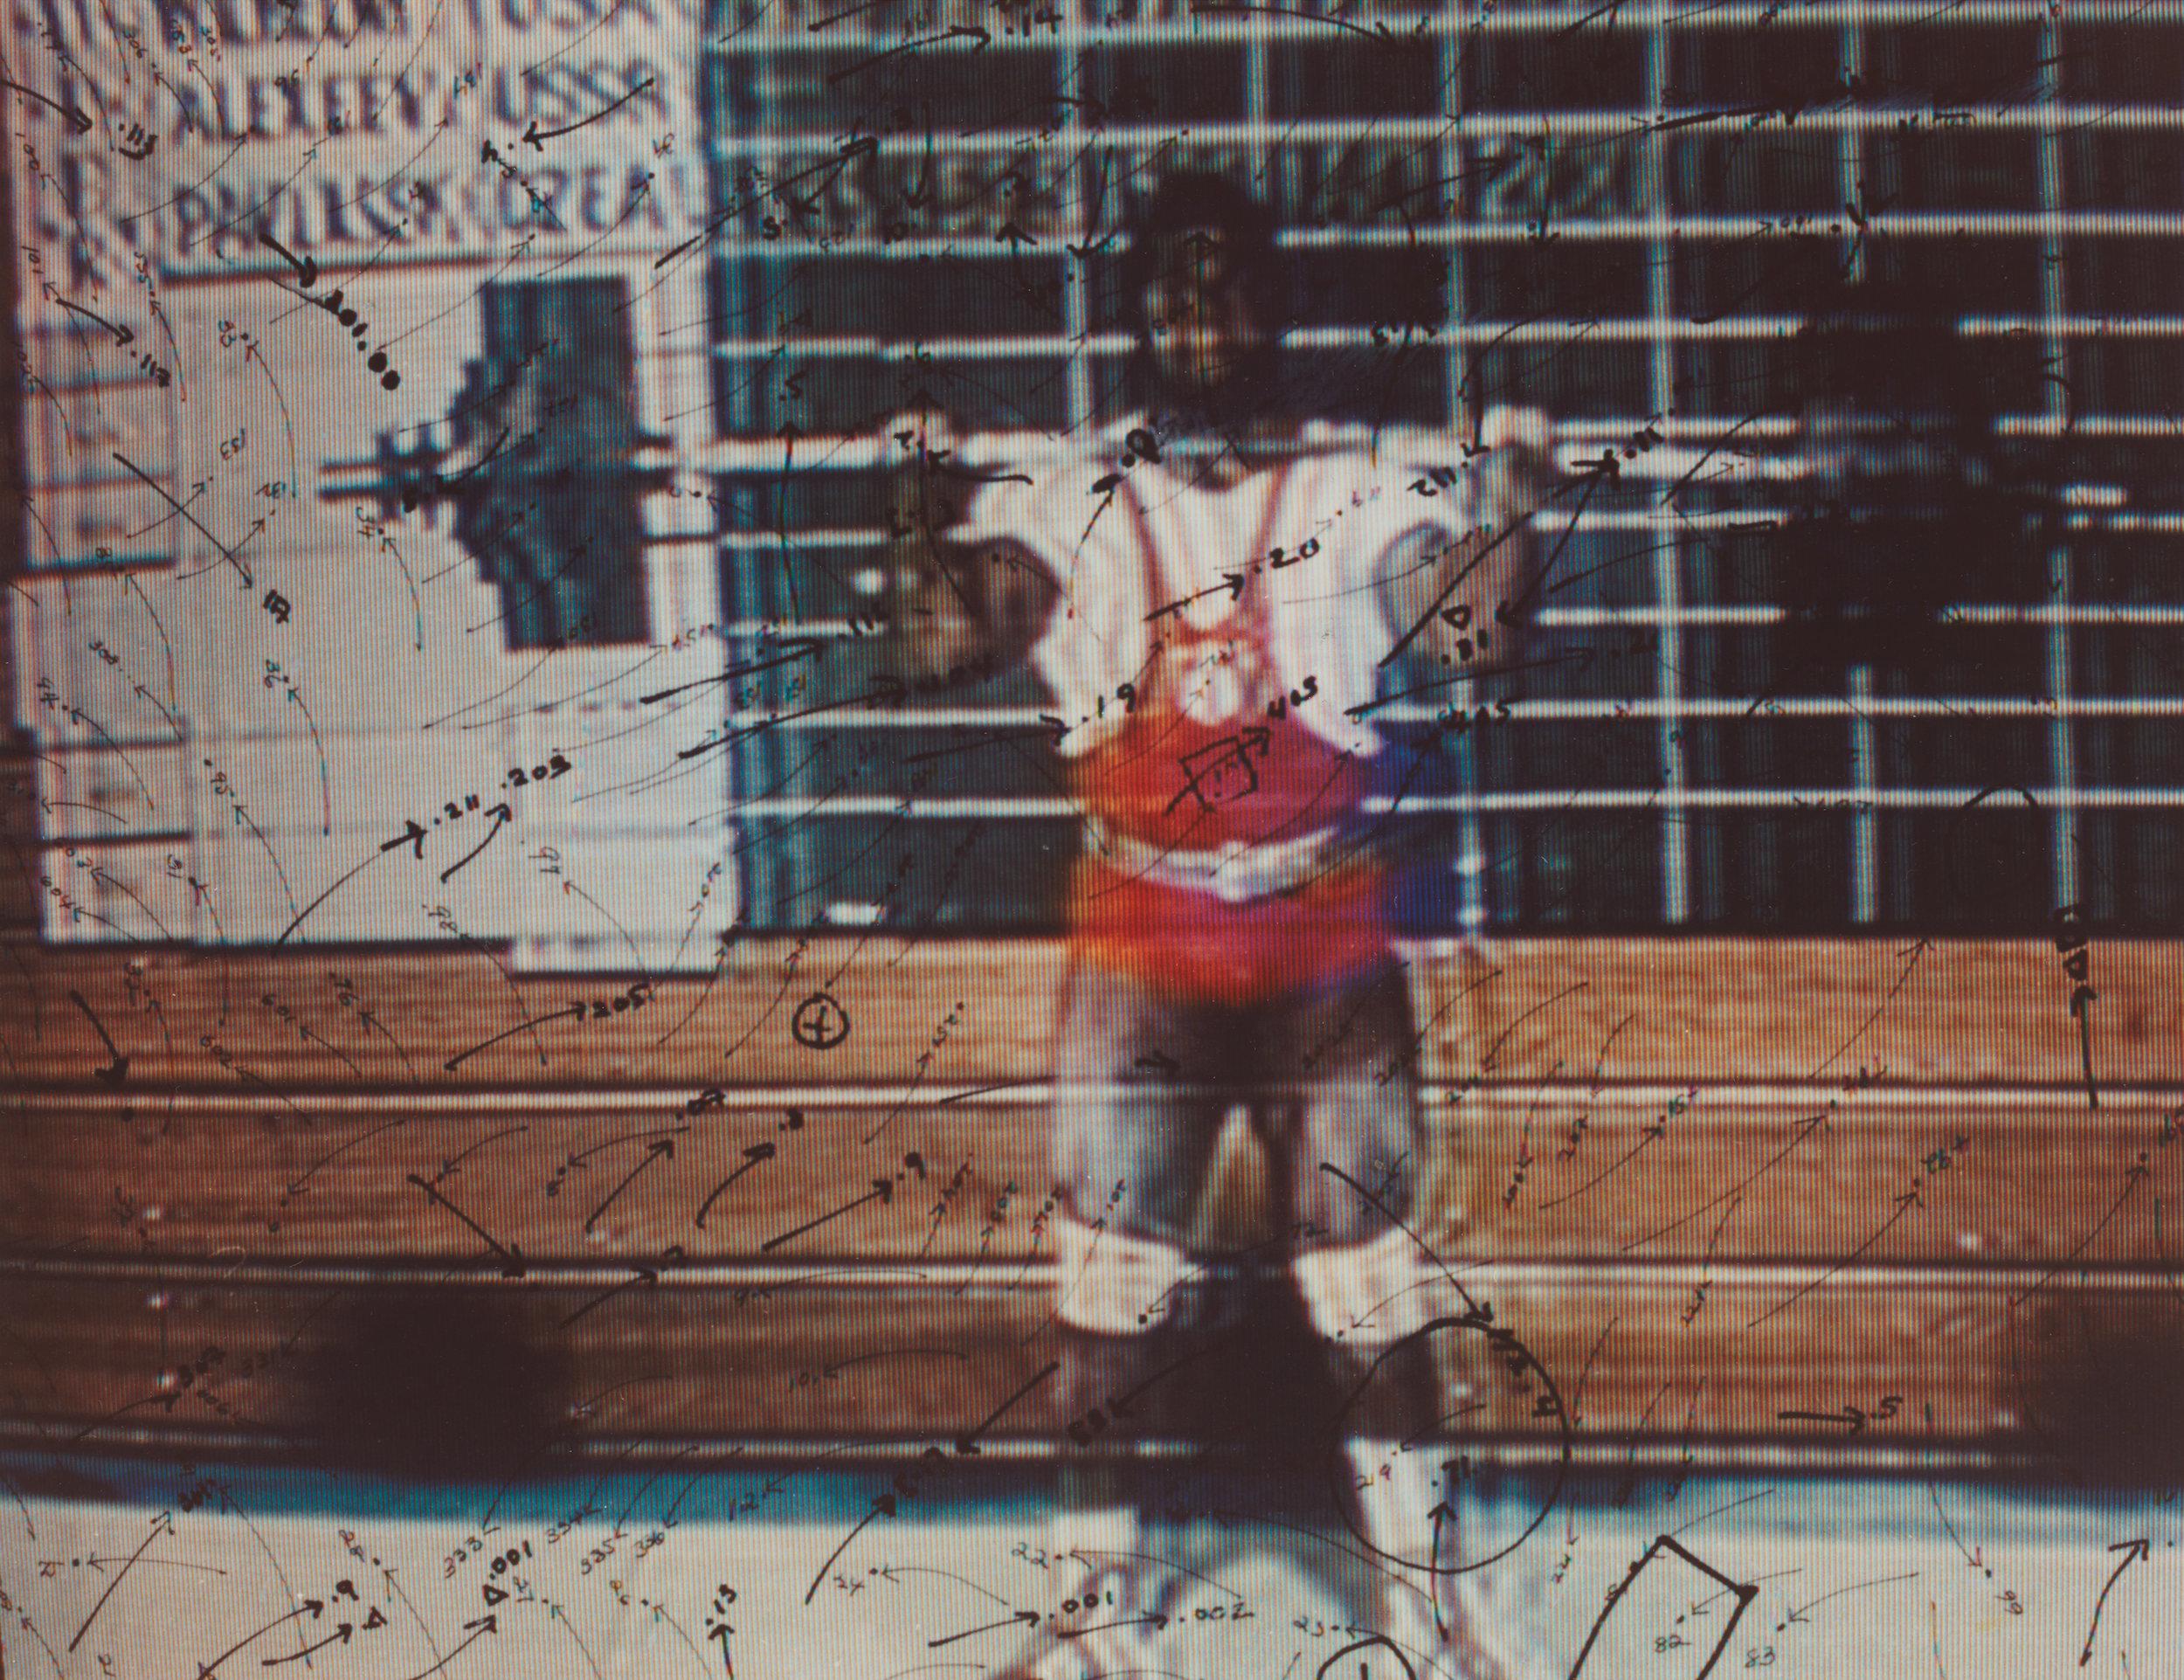 Video Drawings: Weightlifting, 1975